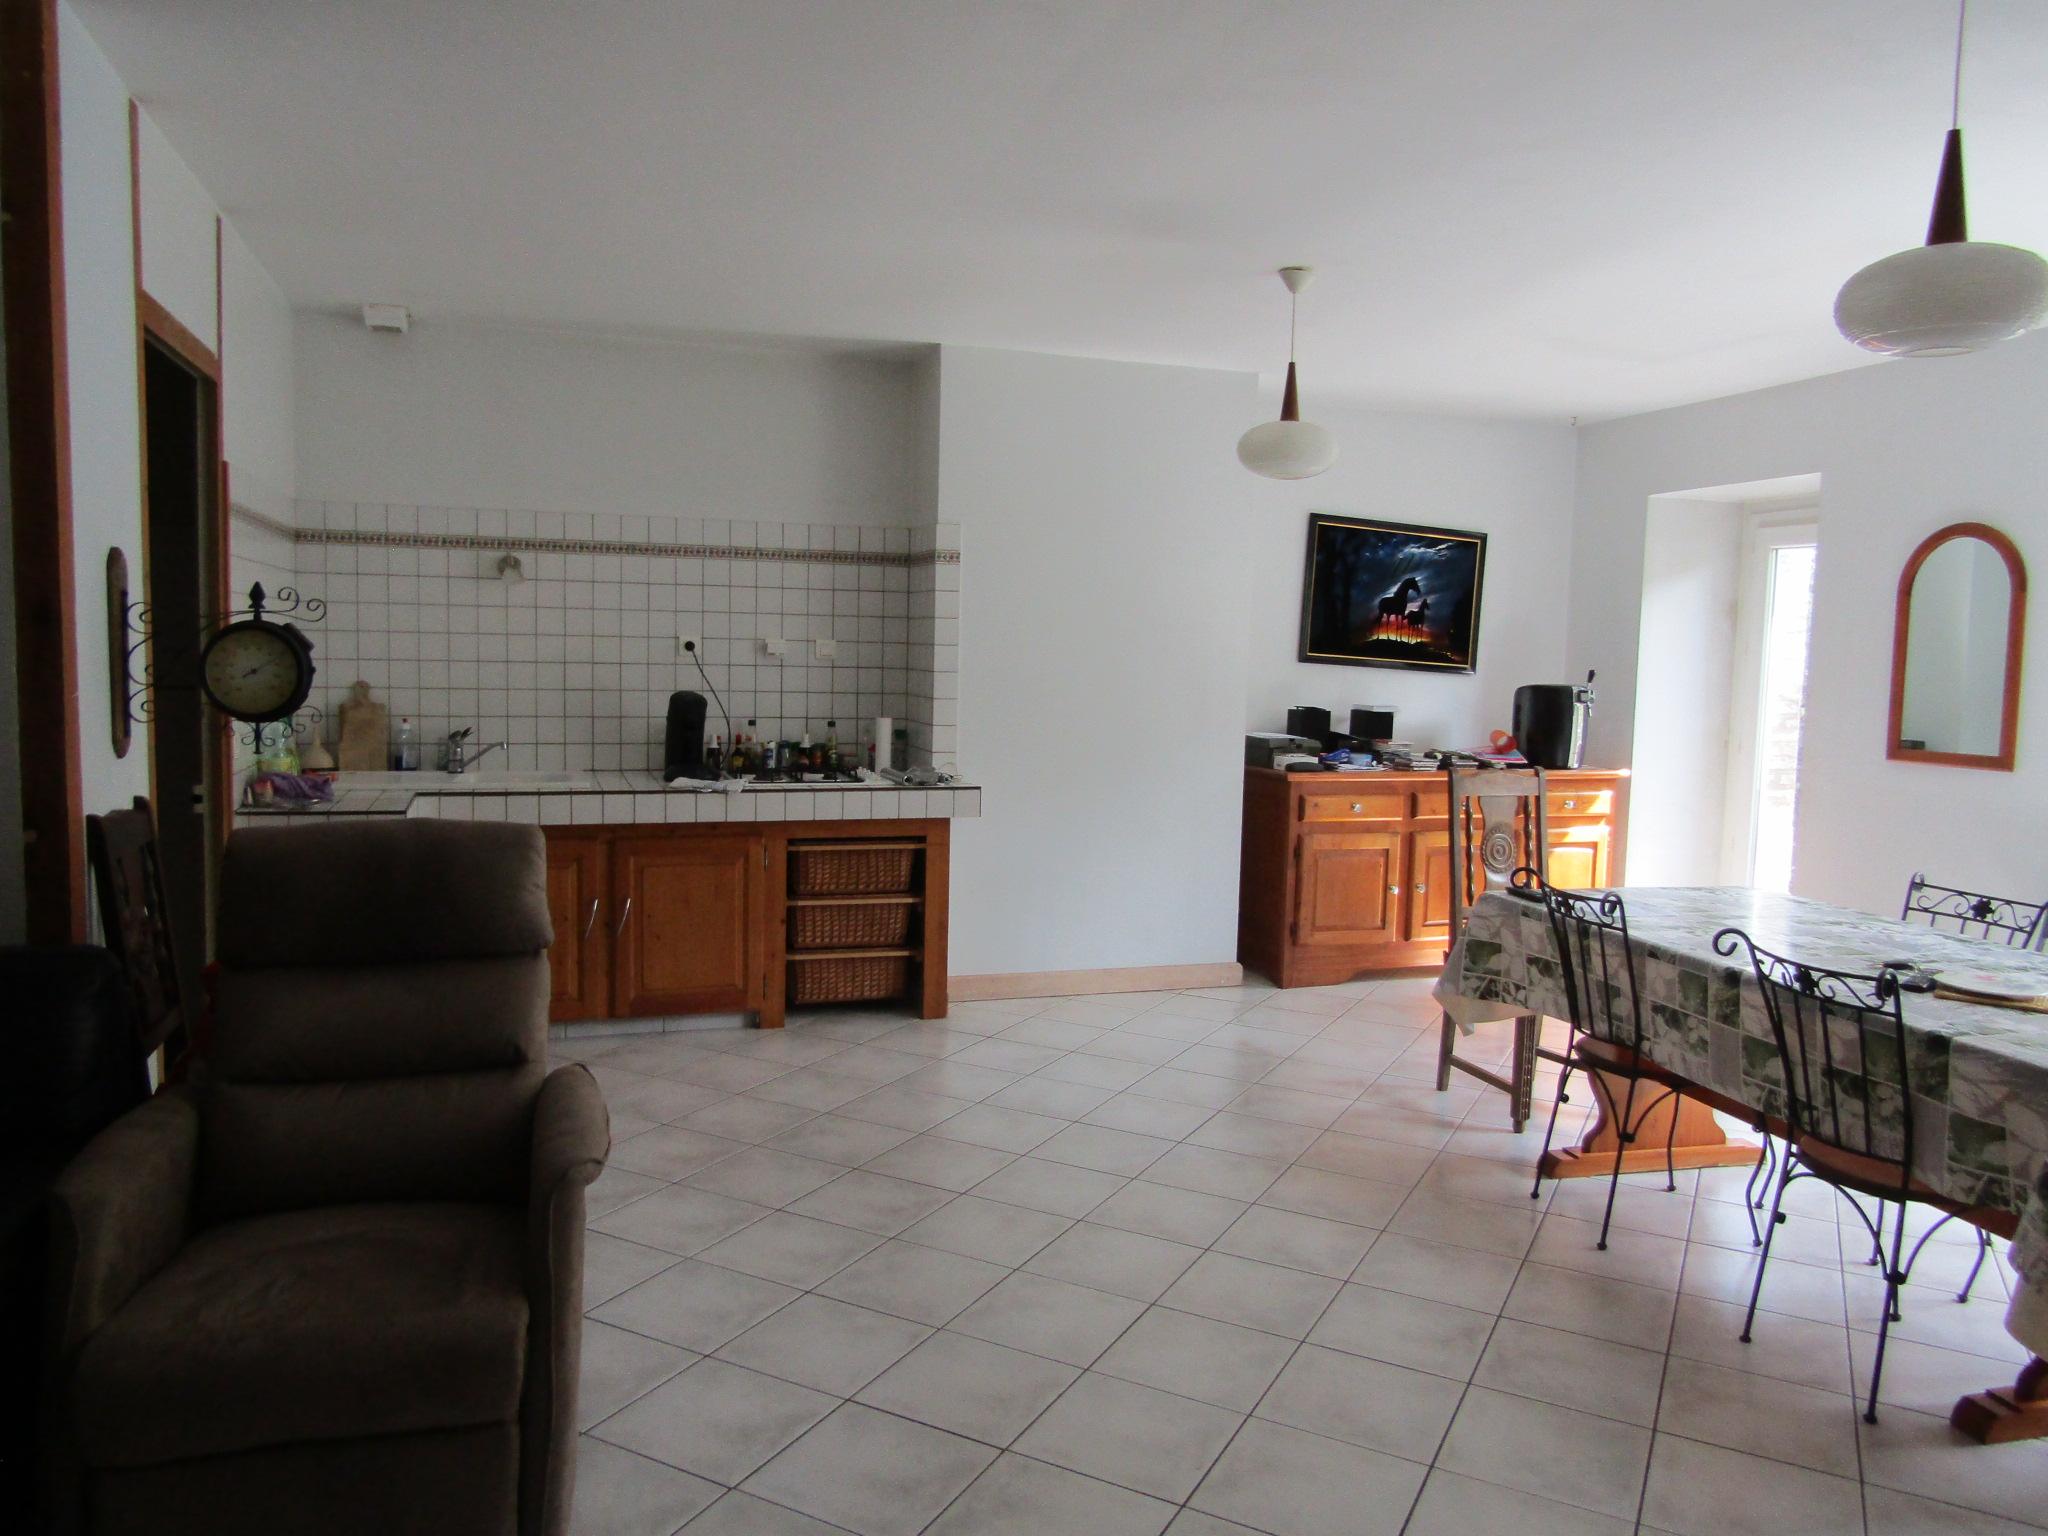 Vente maison – immeuble secteur Champagnole